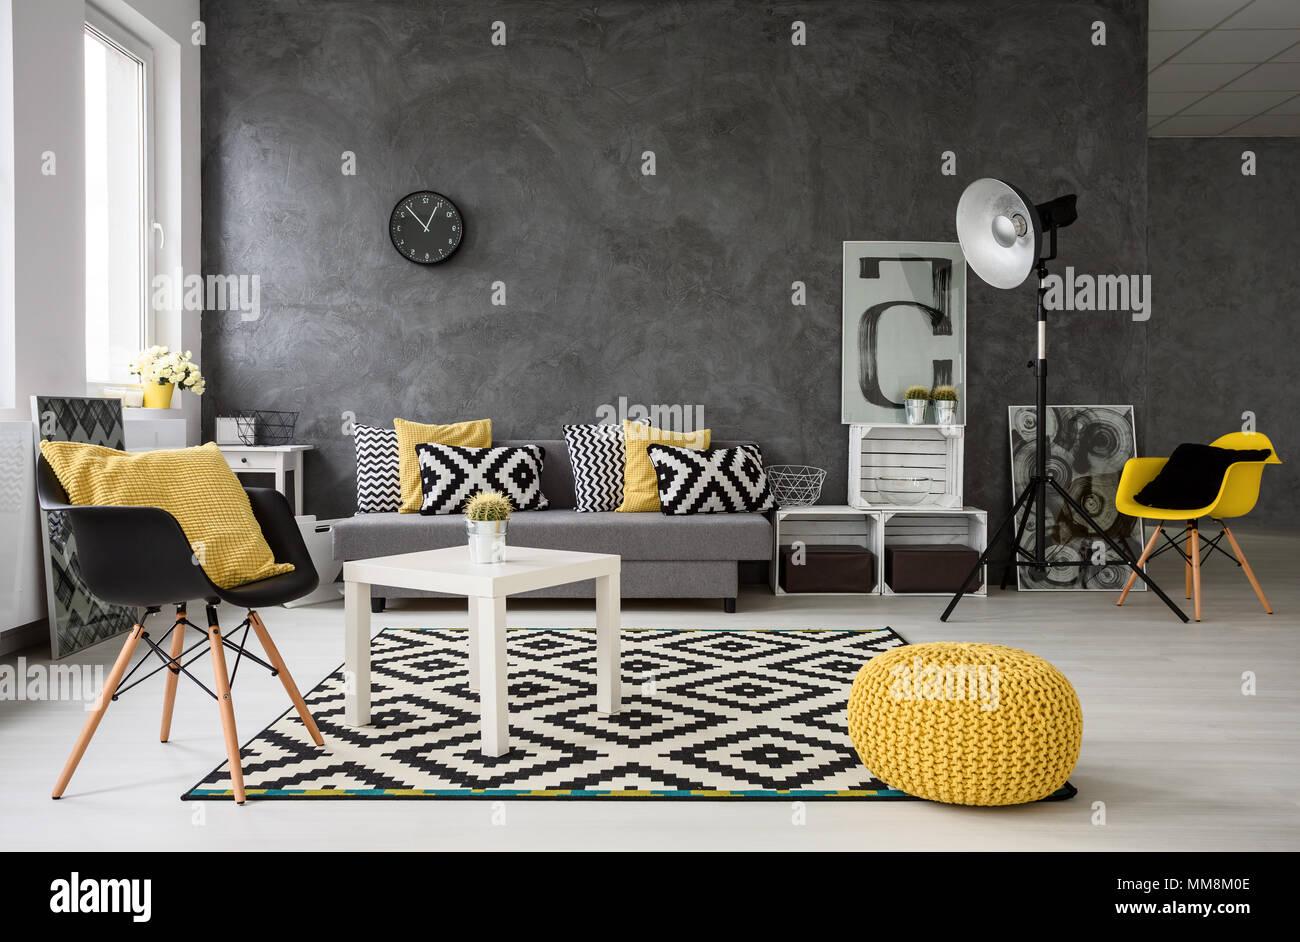 Gris spacieux, salon avec canapé, chaises, lampe, petite table basse ...